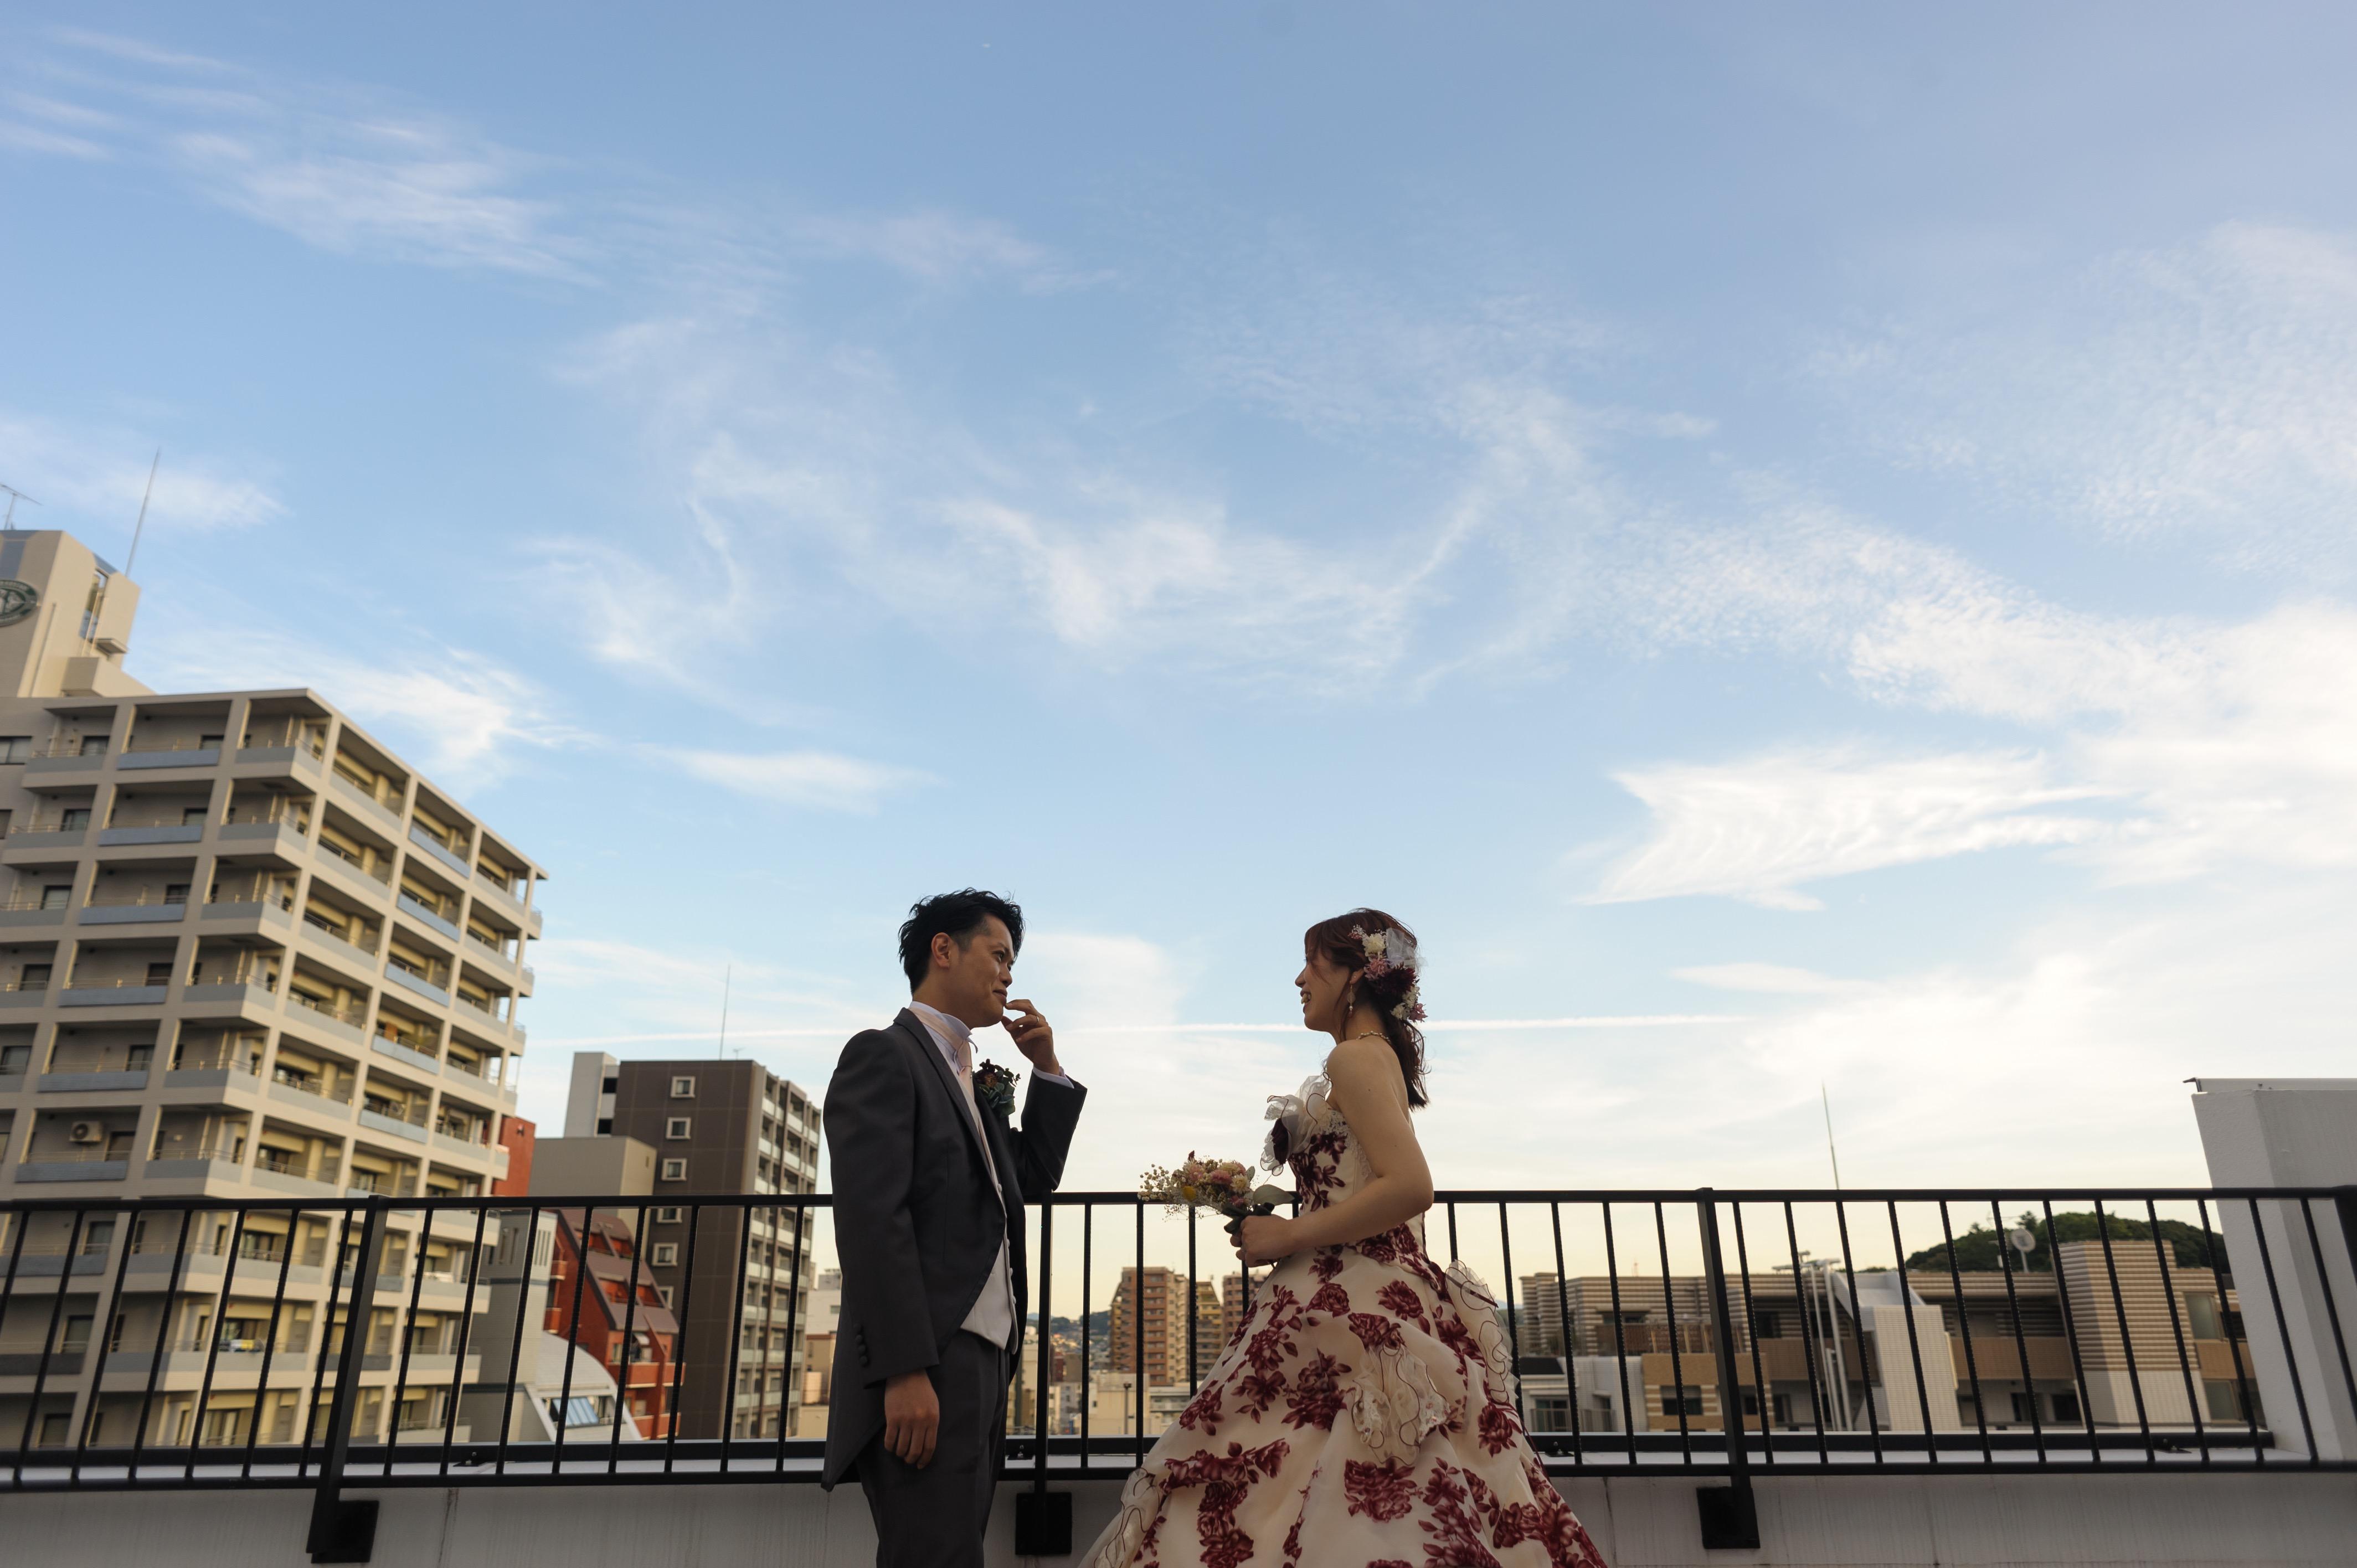 〜さくらの樹〜披露宴|お客様レポート|福岡・九州でフォトウェディング・前撮りならウェディングセレクト!フォトウェディング